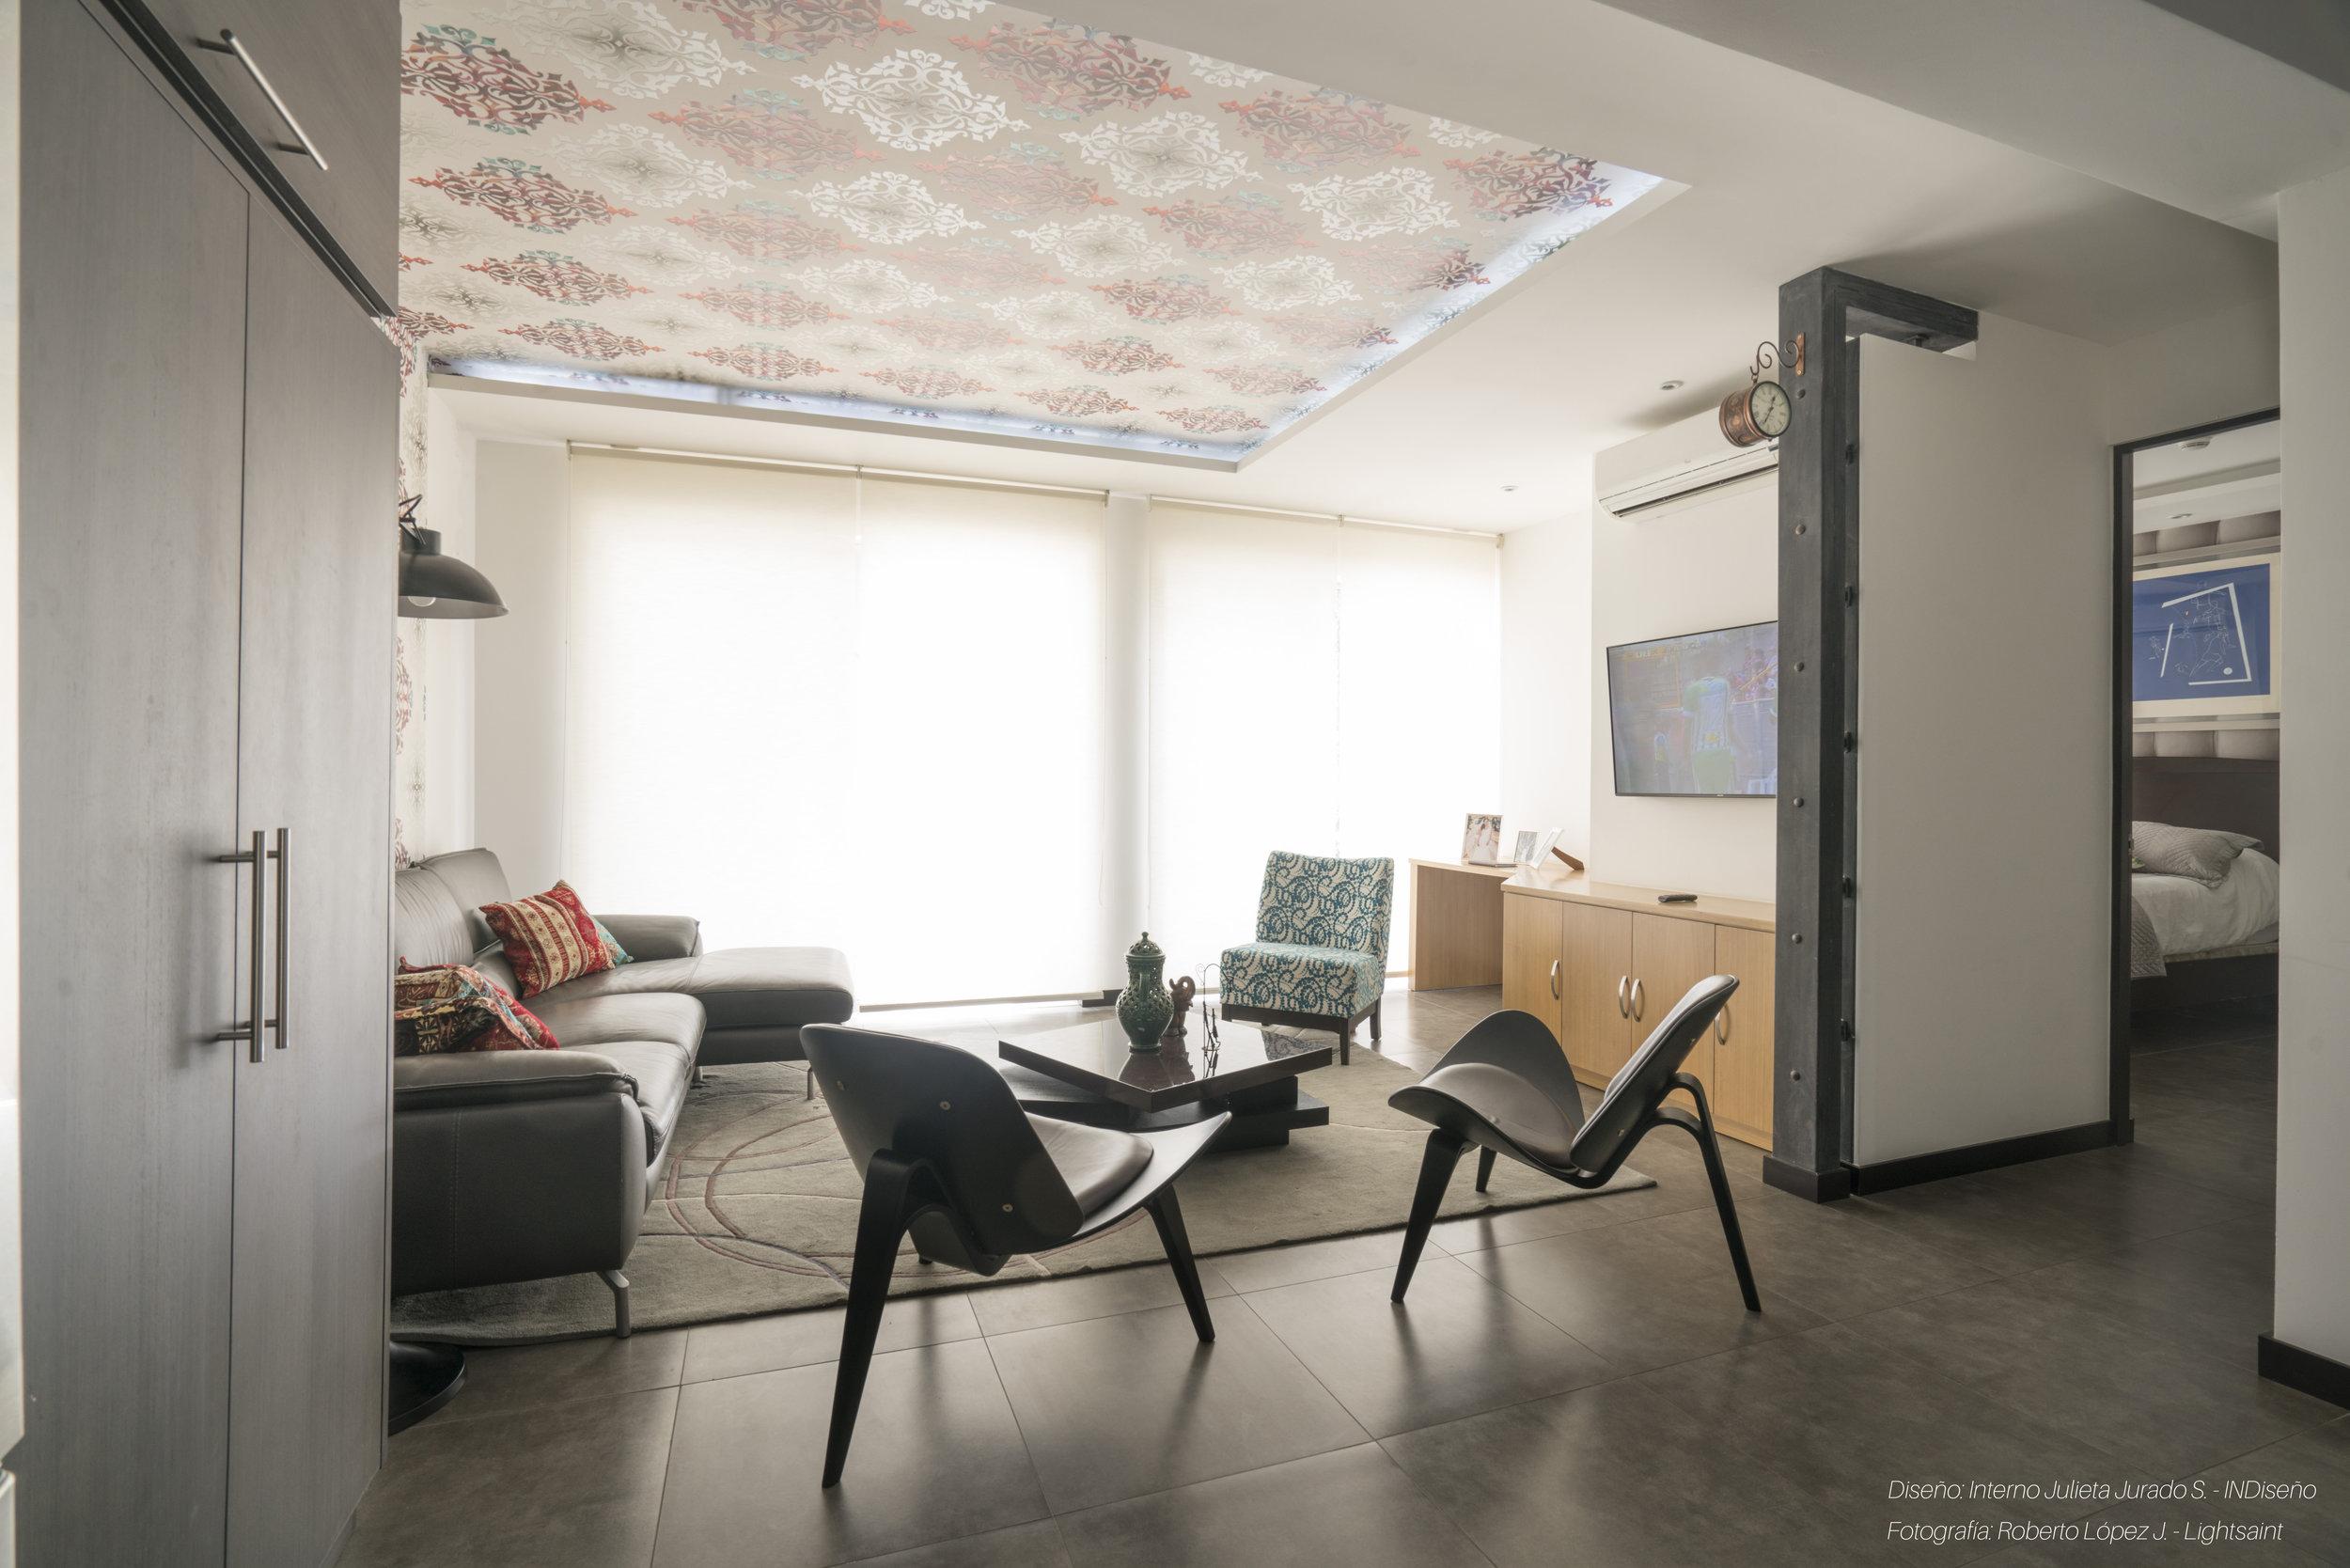 Diseño Interno y Decoración de Apartamentos 3.jpg